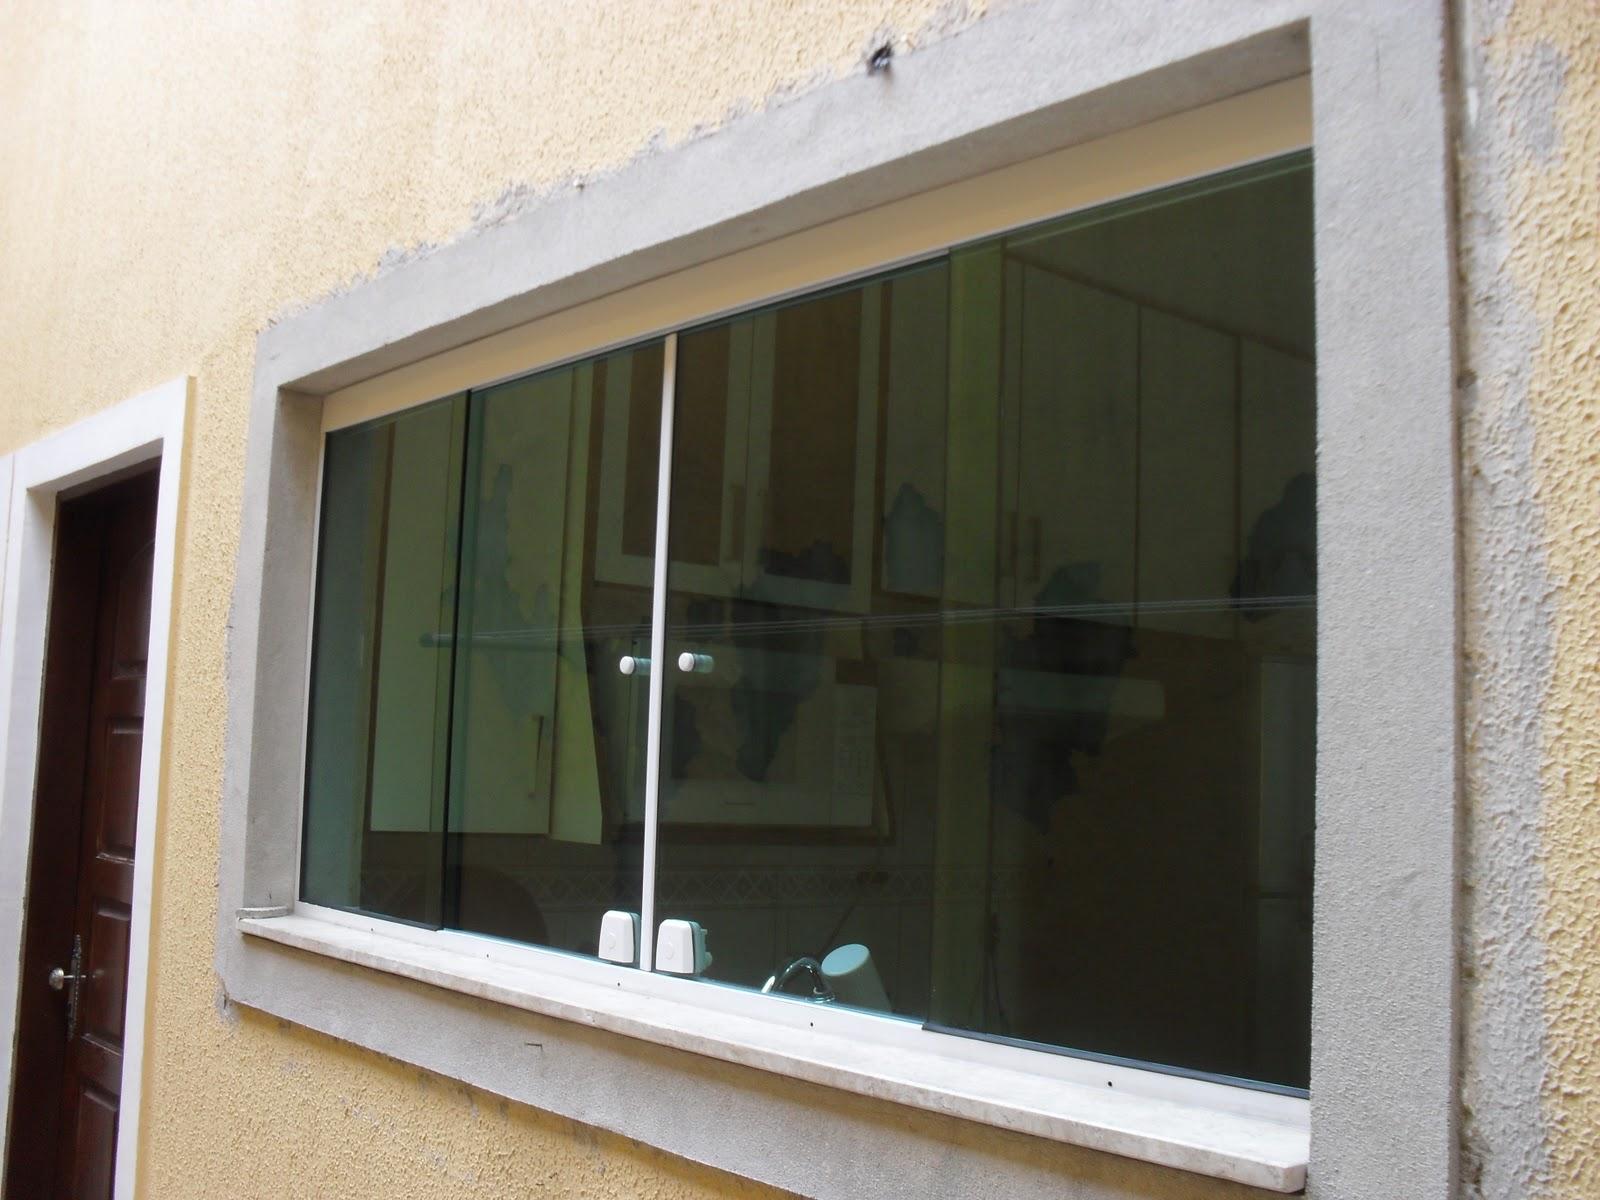 #856D46 Alumiglass Vidraçaria: Janelas em Vidro Temperado 276 Janelas De Vidro Rio Branco Acre